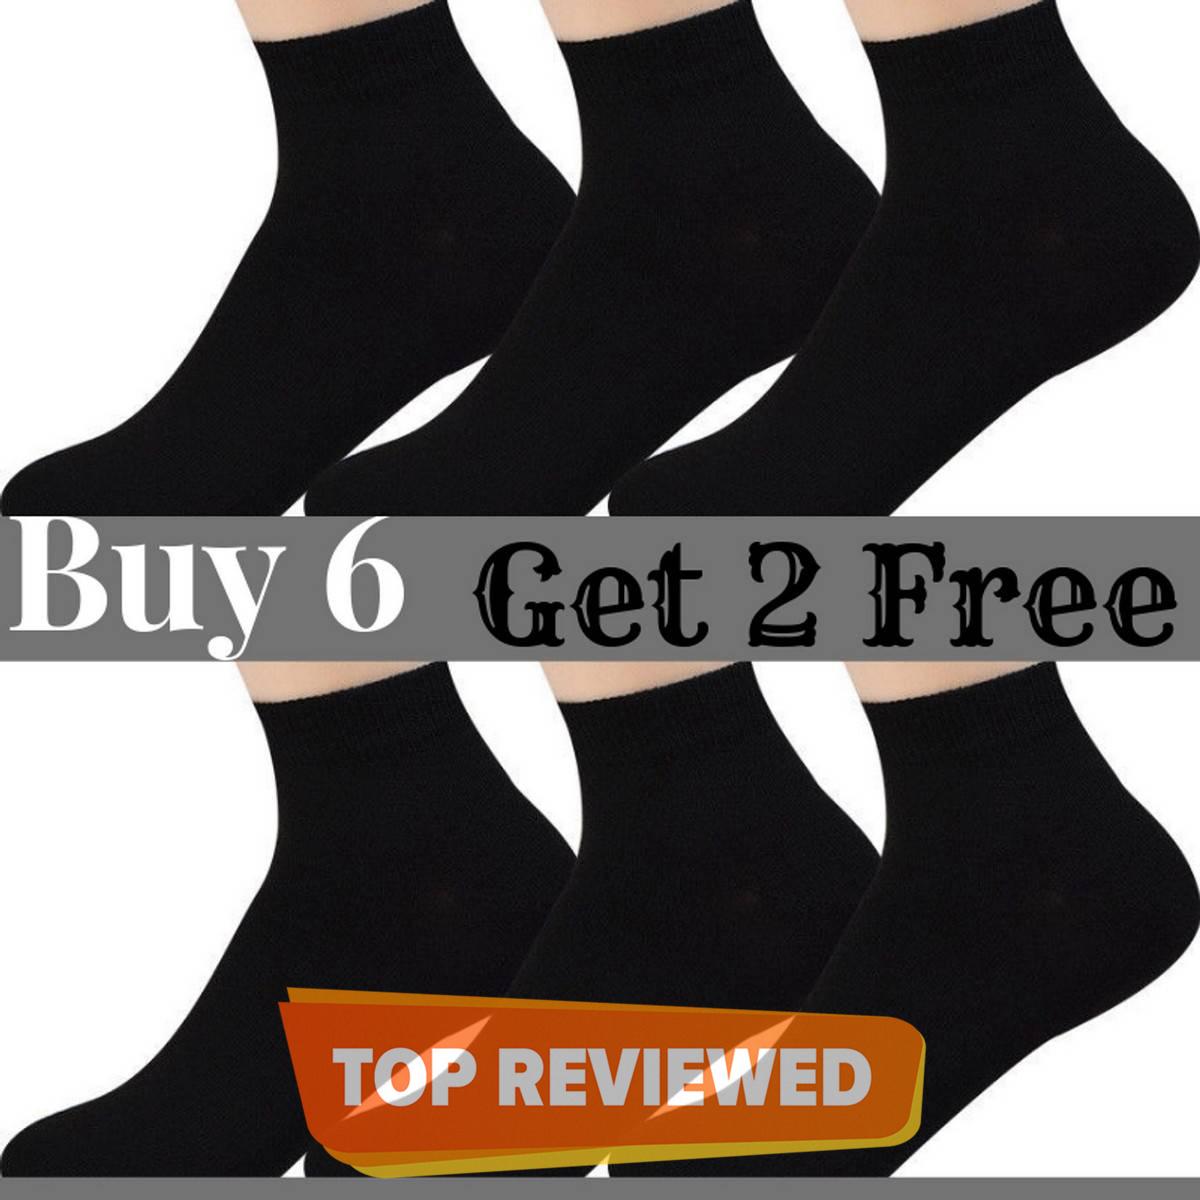 Buy 6 Pairs Get 2 Free - Low Cut Socks for Men and Women